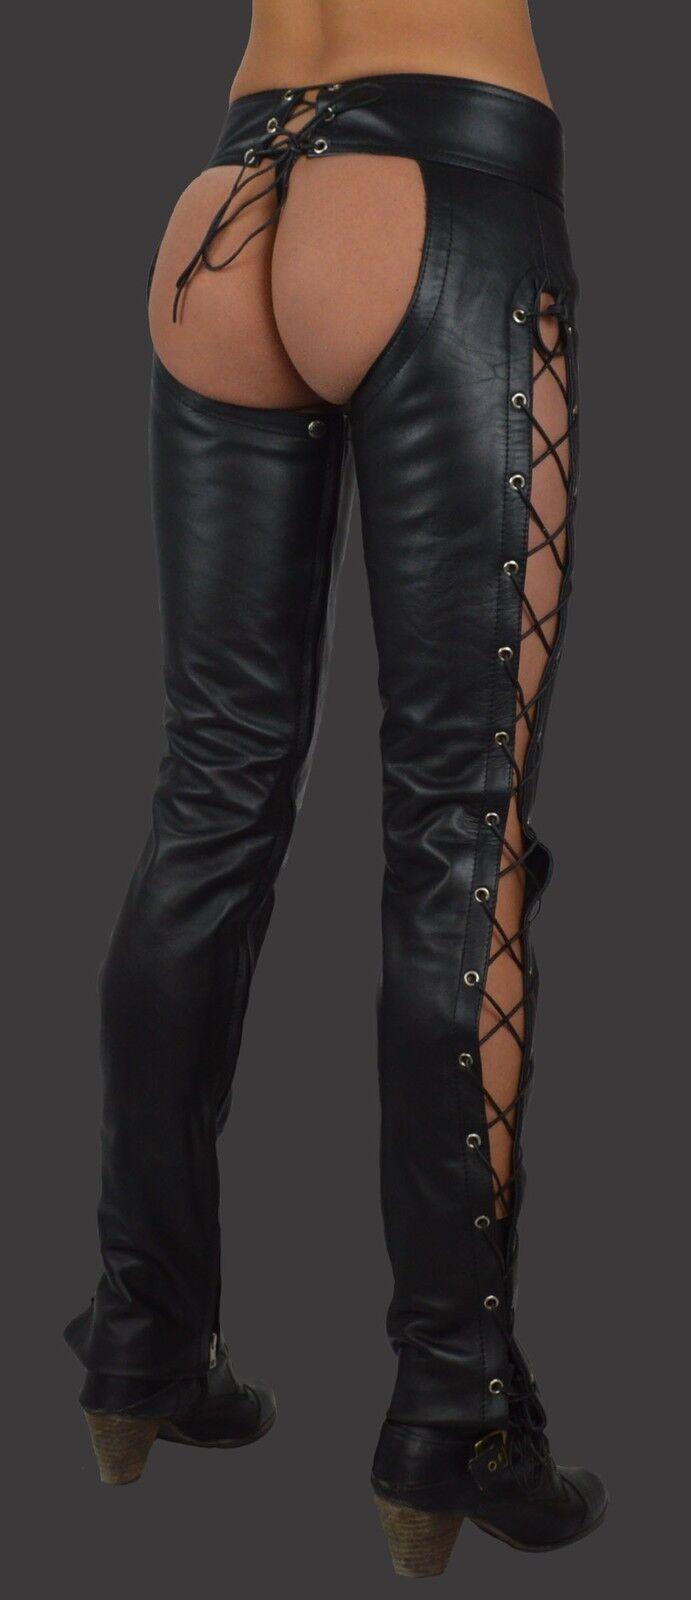 Aw-801 domina zahones de cuero, pantalones, Leather trousers, cuero, jinete pantalones de cuero, trousers, Chaps 40 d0be72